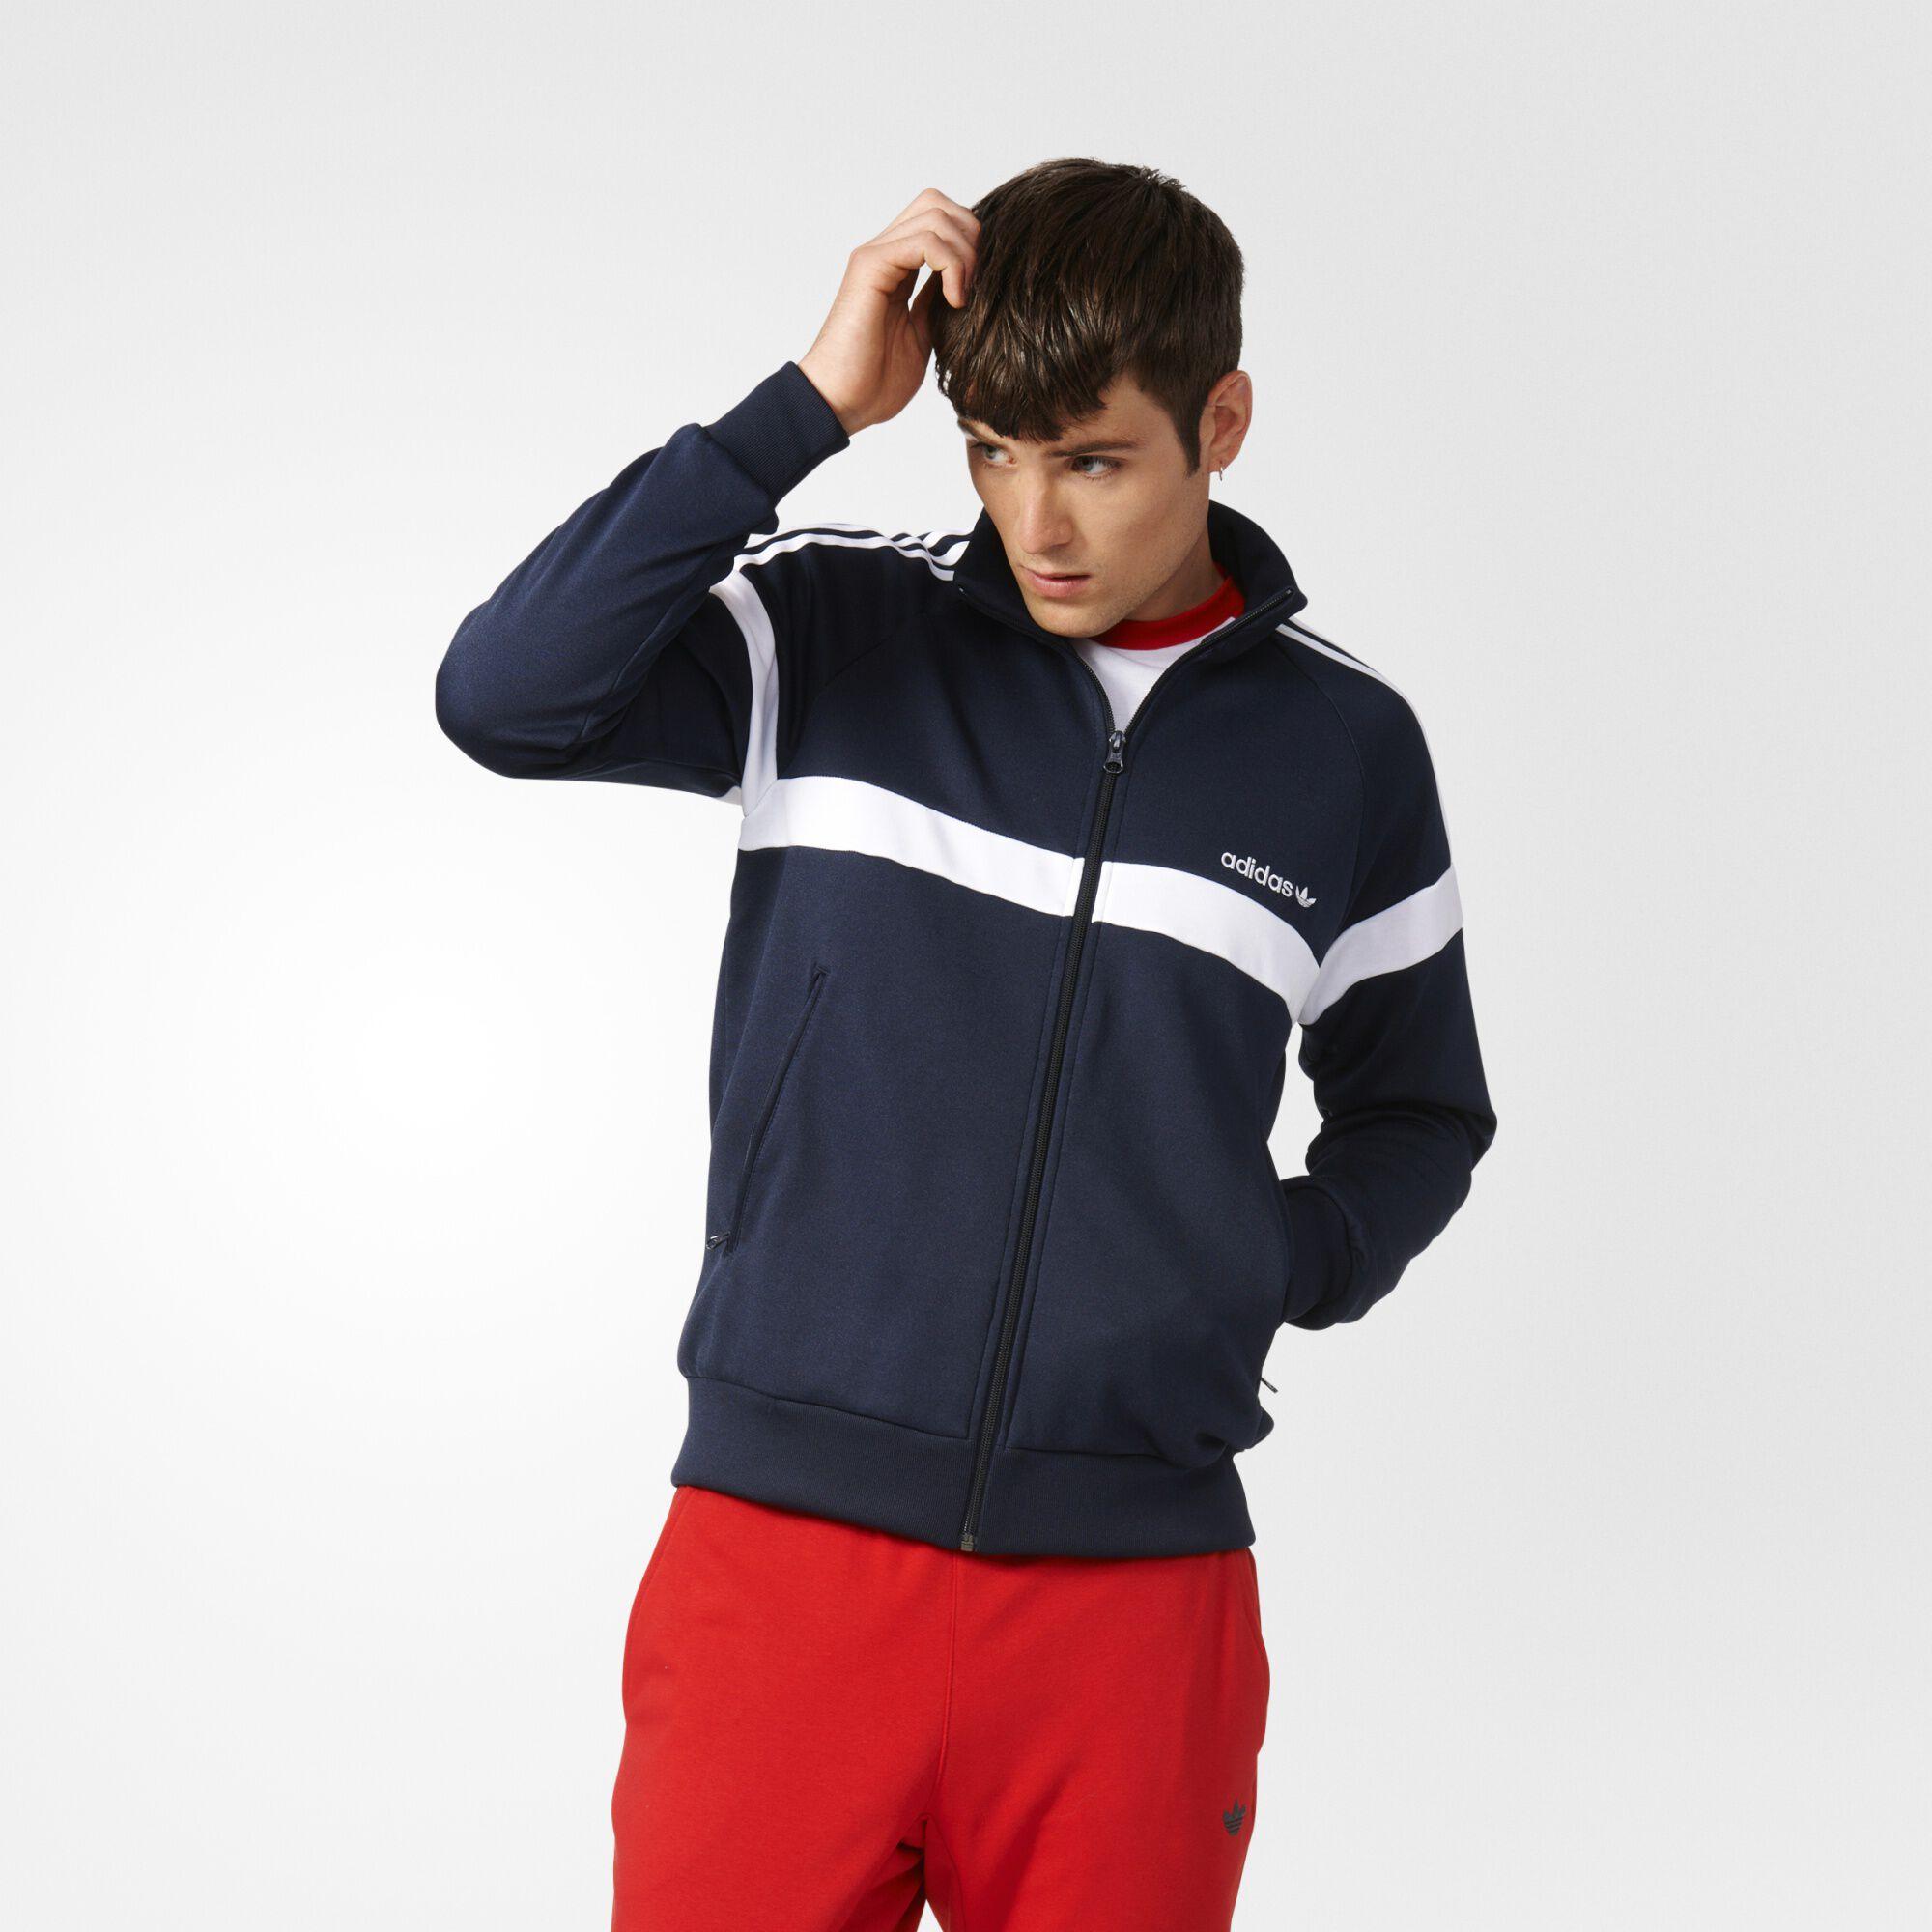 adidas burgundy track jacket